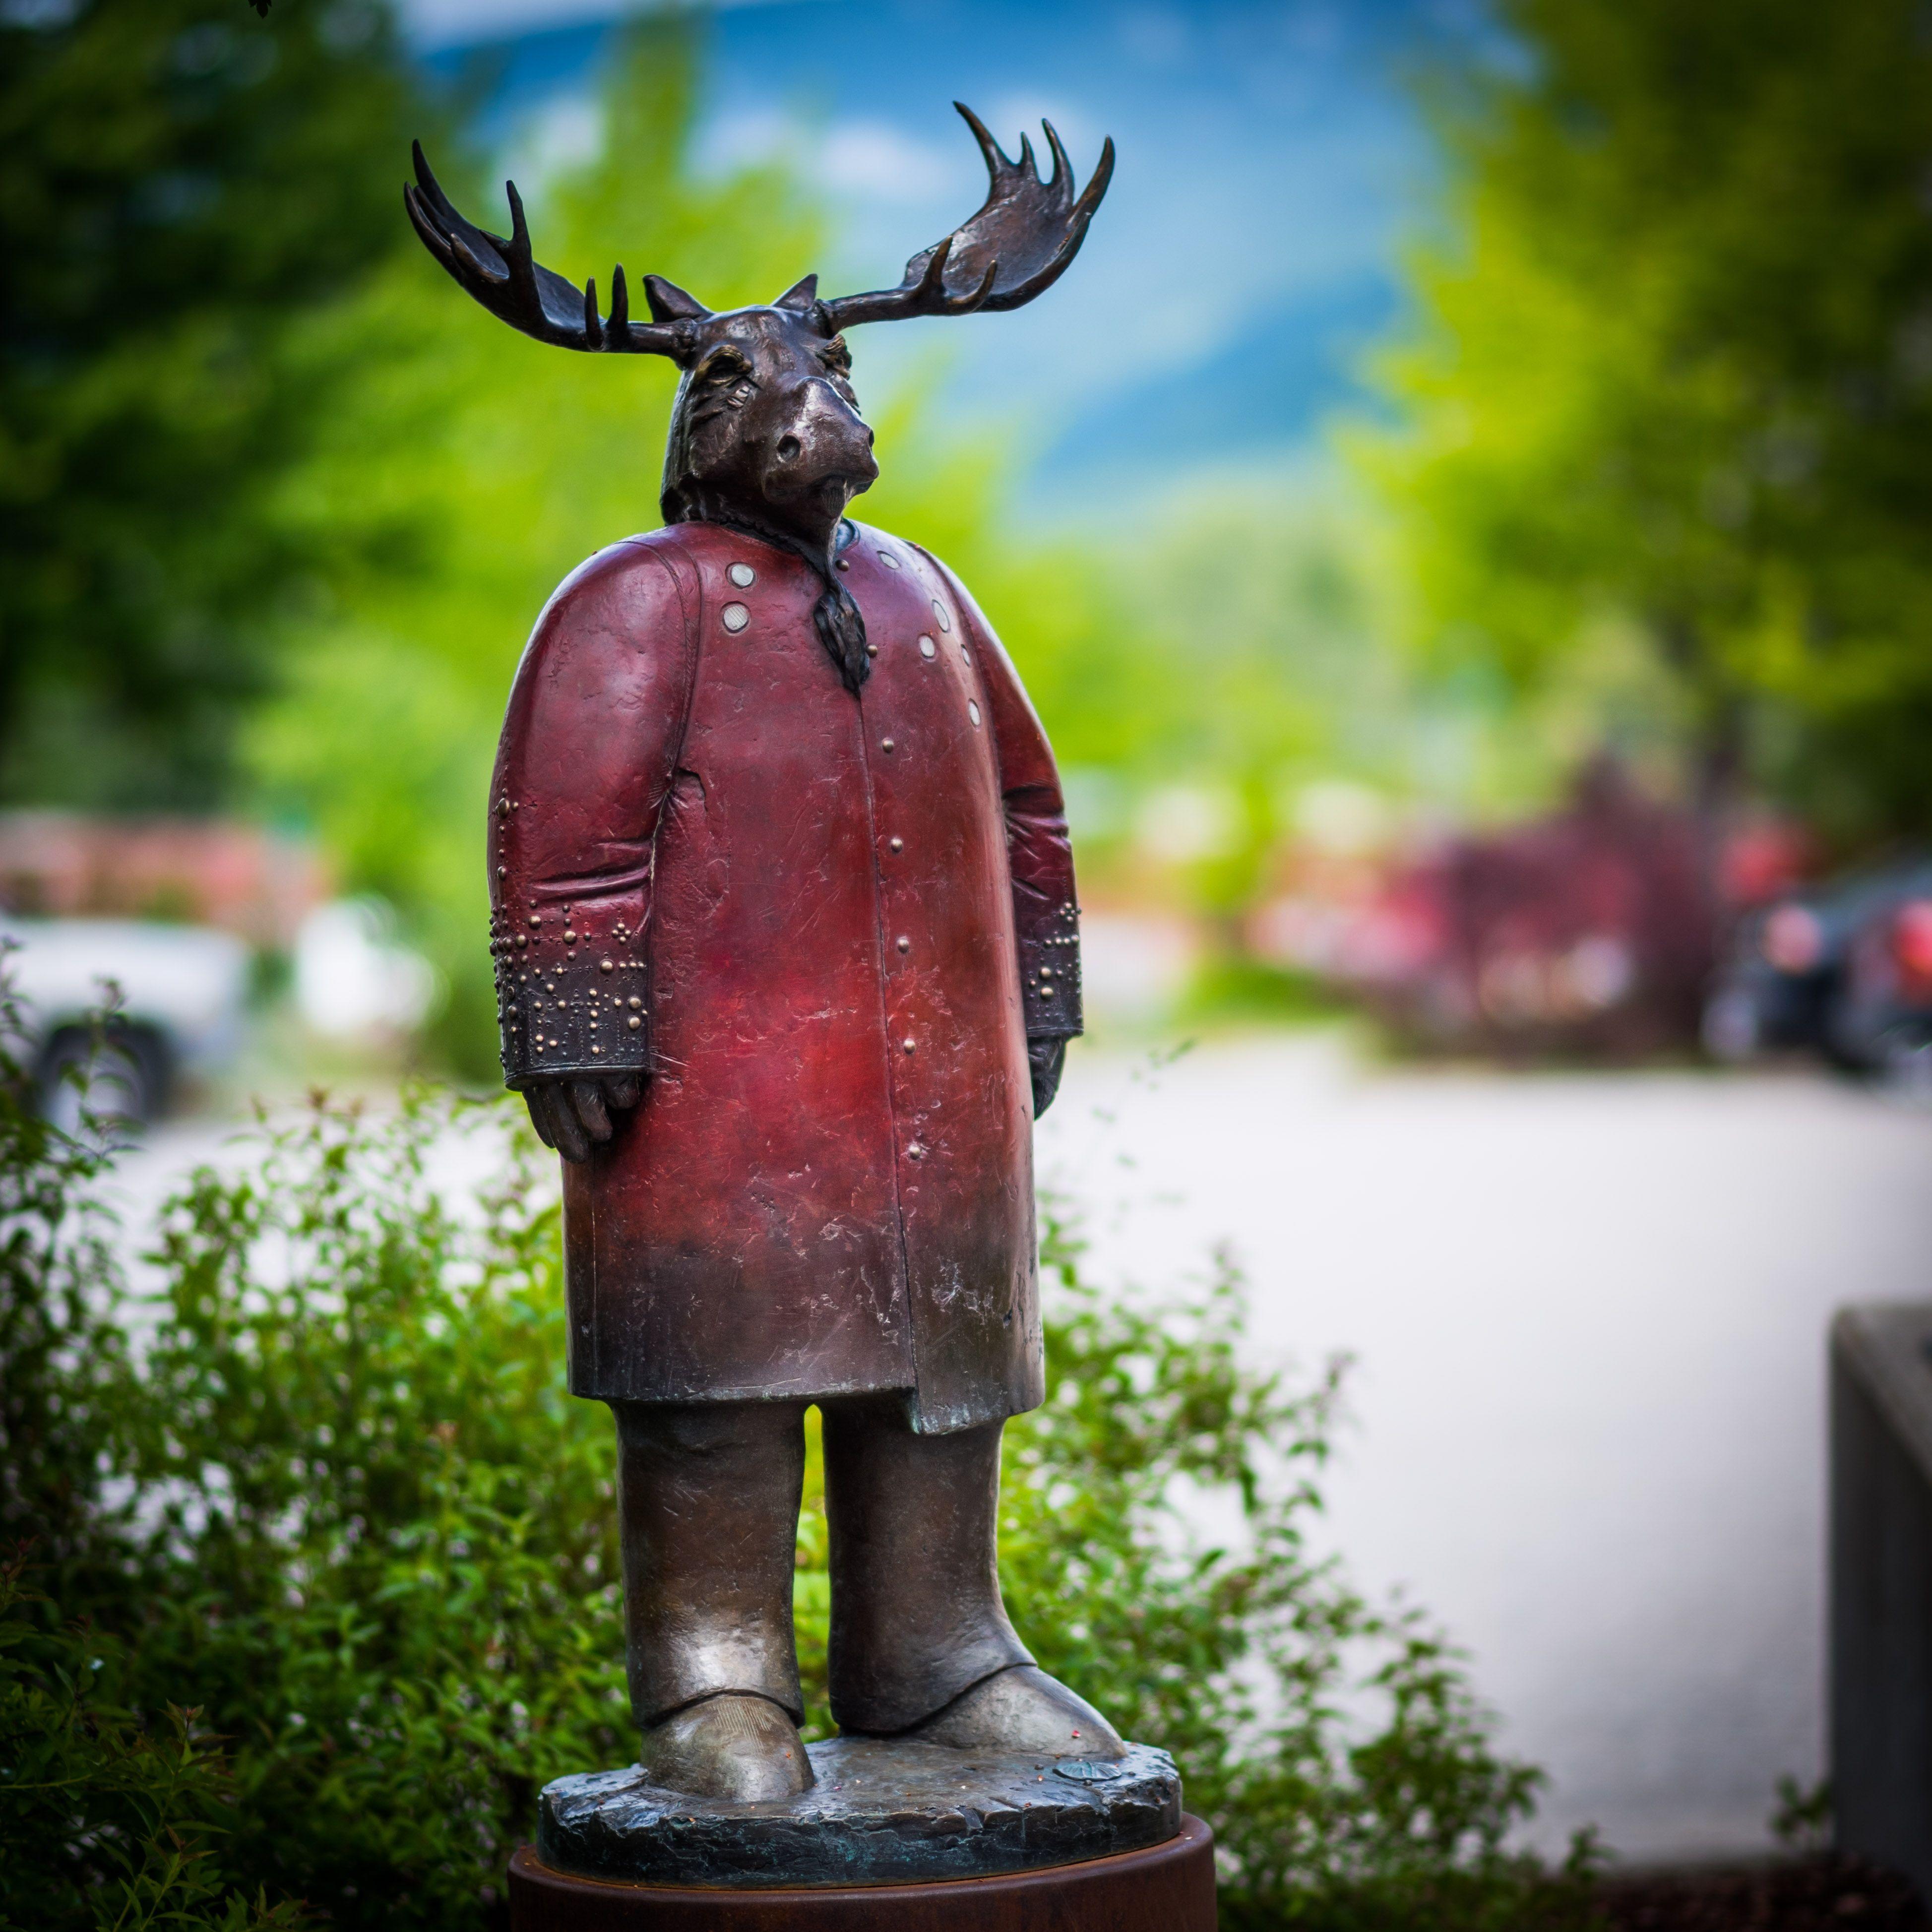 # 16 on the Castlegar Sculpturewalk: No Room for Doubt by Robert Brubaker